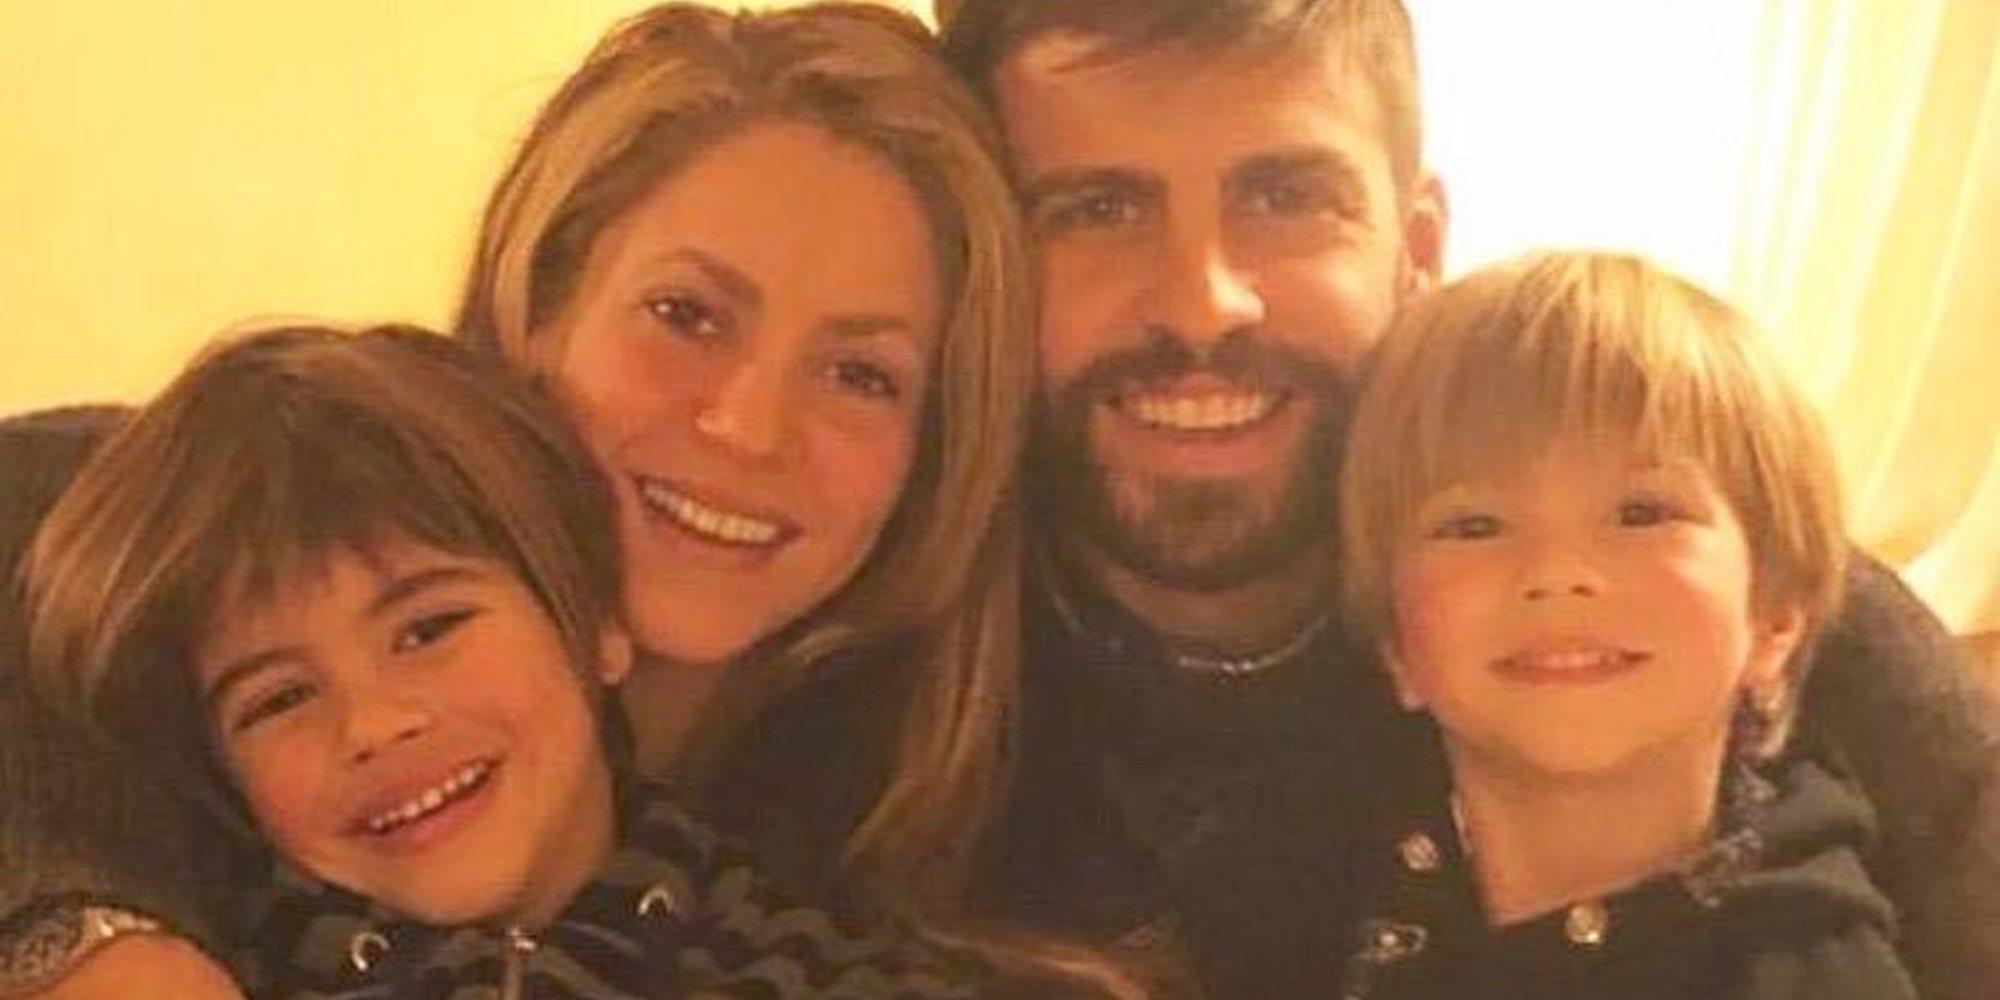 Shakira y Gerard Piqué, de vacaciones con sus hijos Milan y Sasha en un lugar desconocido